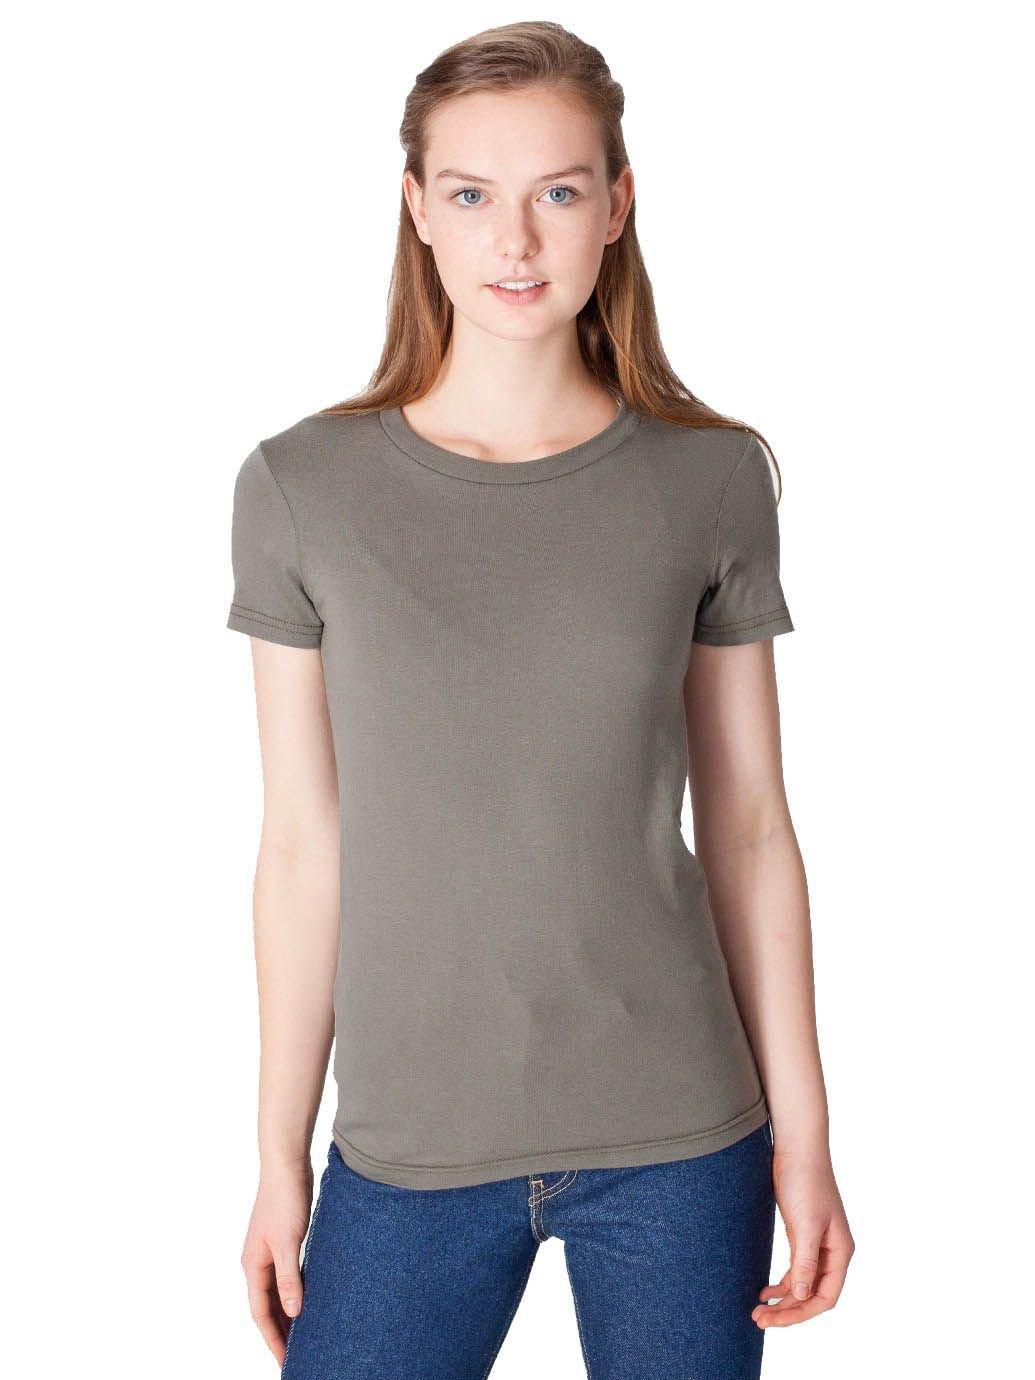 American Apparel Women's Fine Jersey Short Sleeve Women's's T Size XL Lieutenant